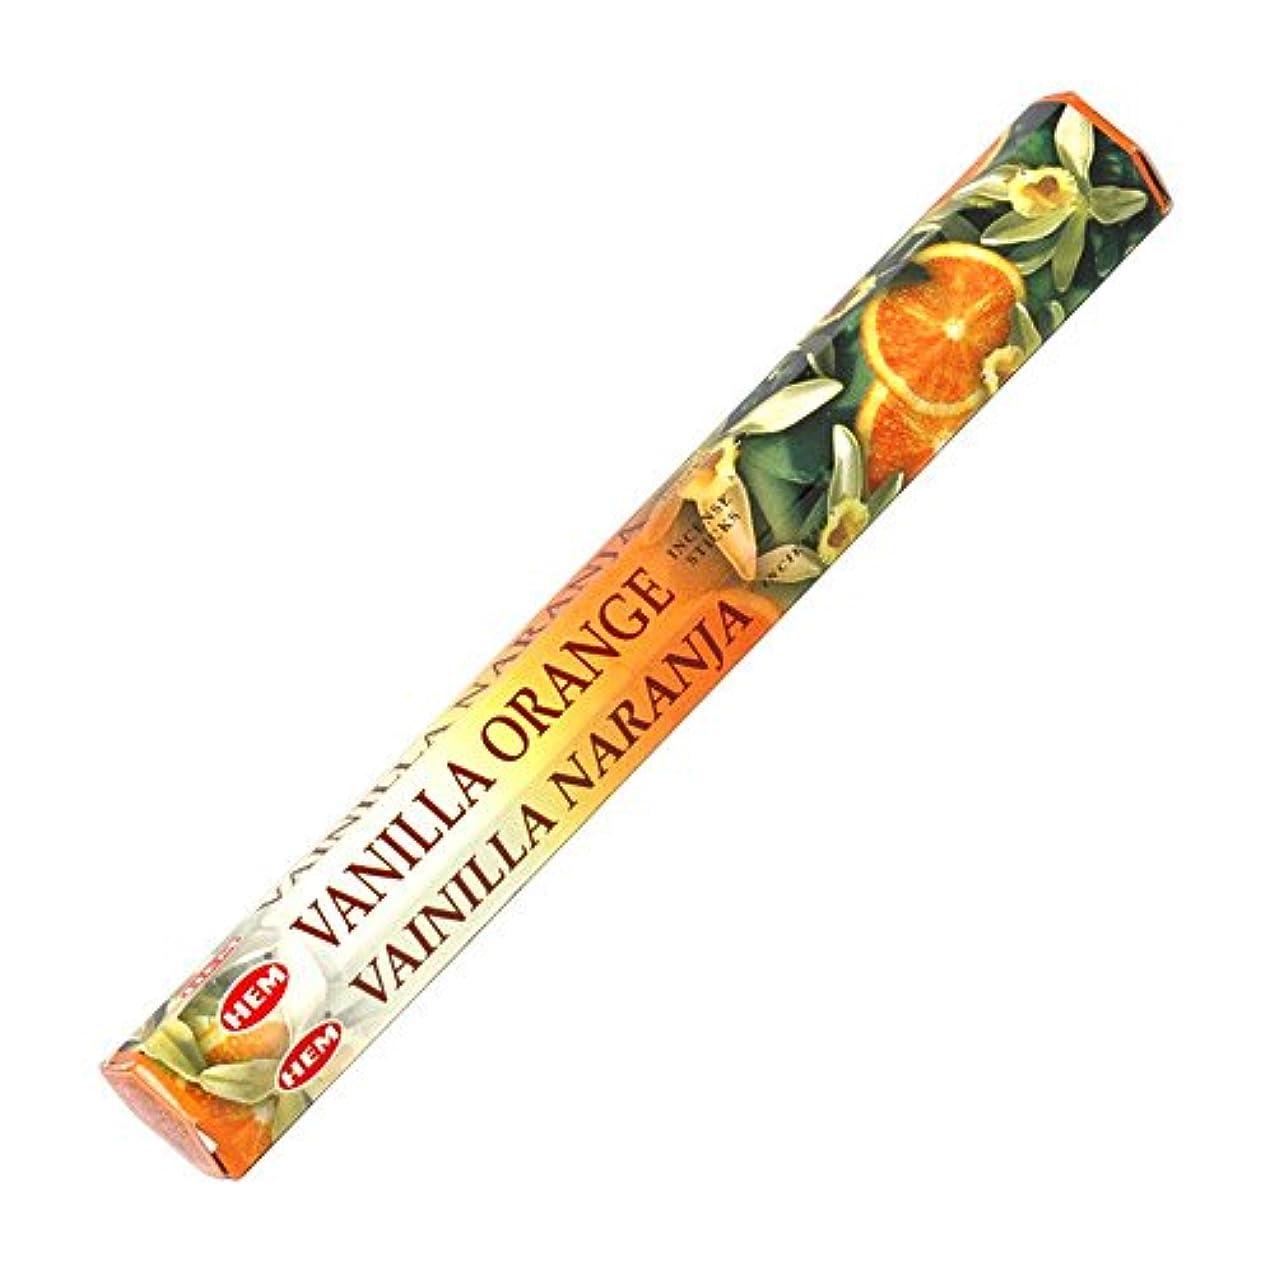 目を覚ます勢い素朴な【HEM/ヘム】《バニラ?オレンジ》へキサパック/インド/お香/インセンス/スティック/6角(20本入)×1箱